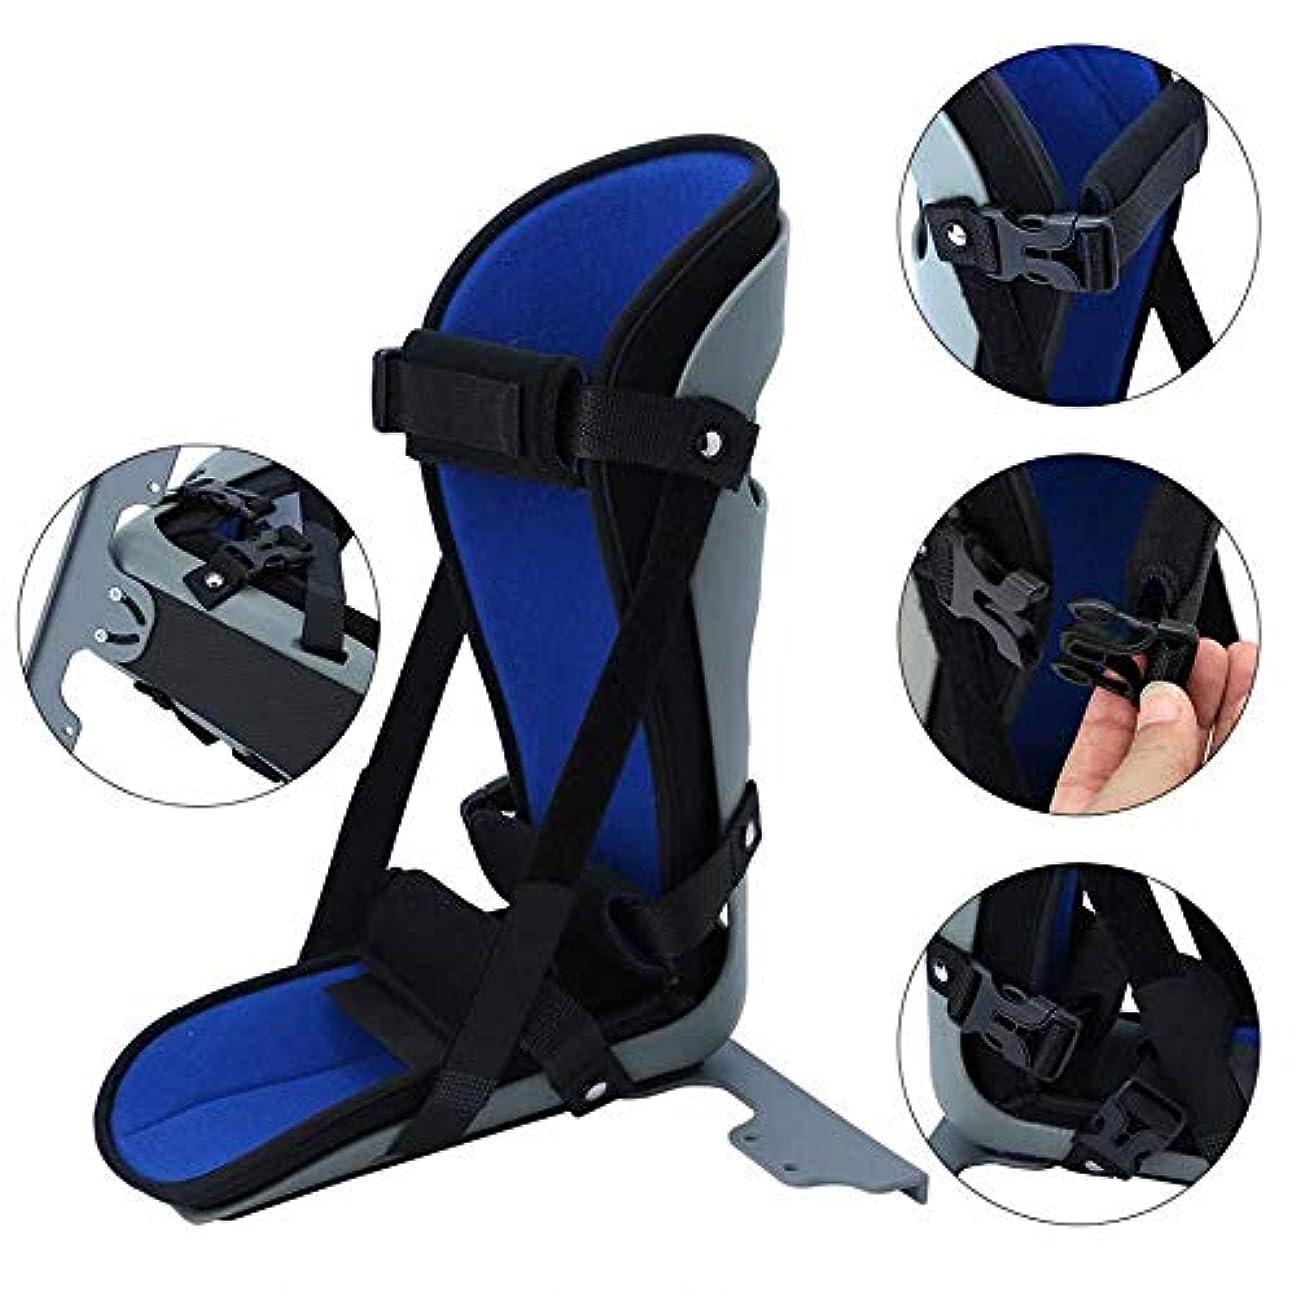 リード食品空の足底筋膜炎およびアキレス腱炎の治療のための足底筋膜の延長ストレッチ用ブレースナイトスプリント (Size : Medium)